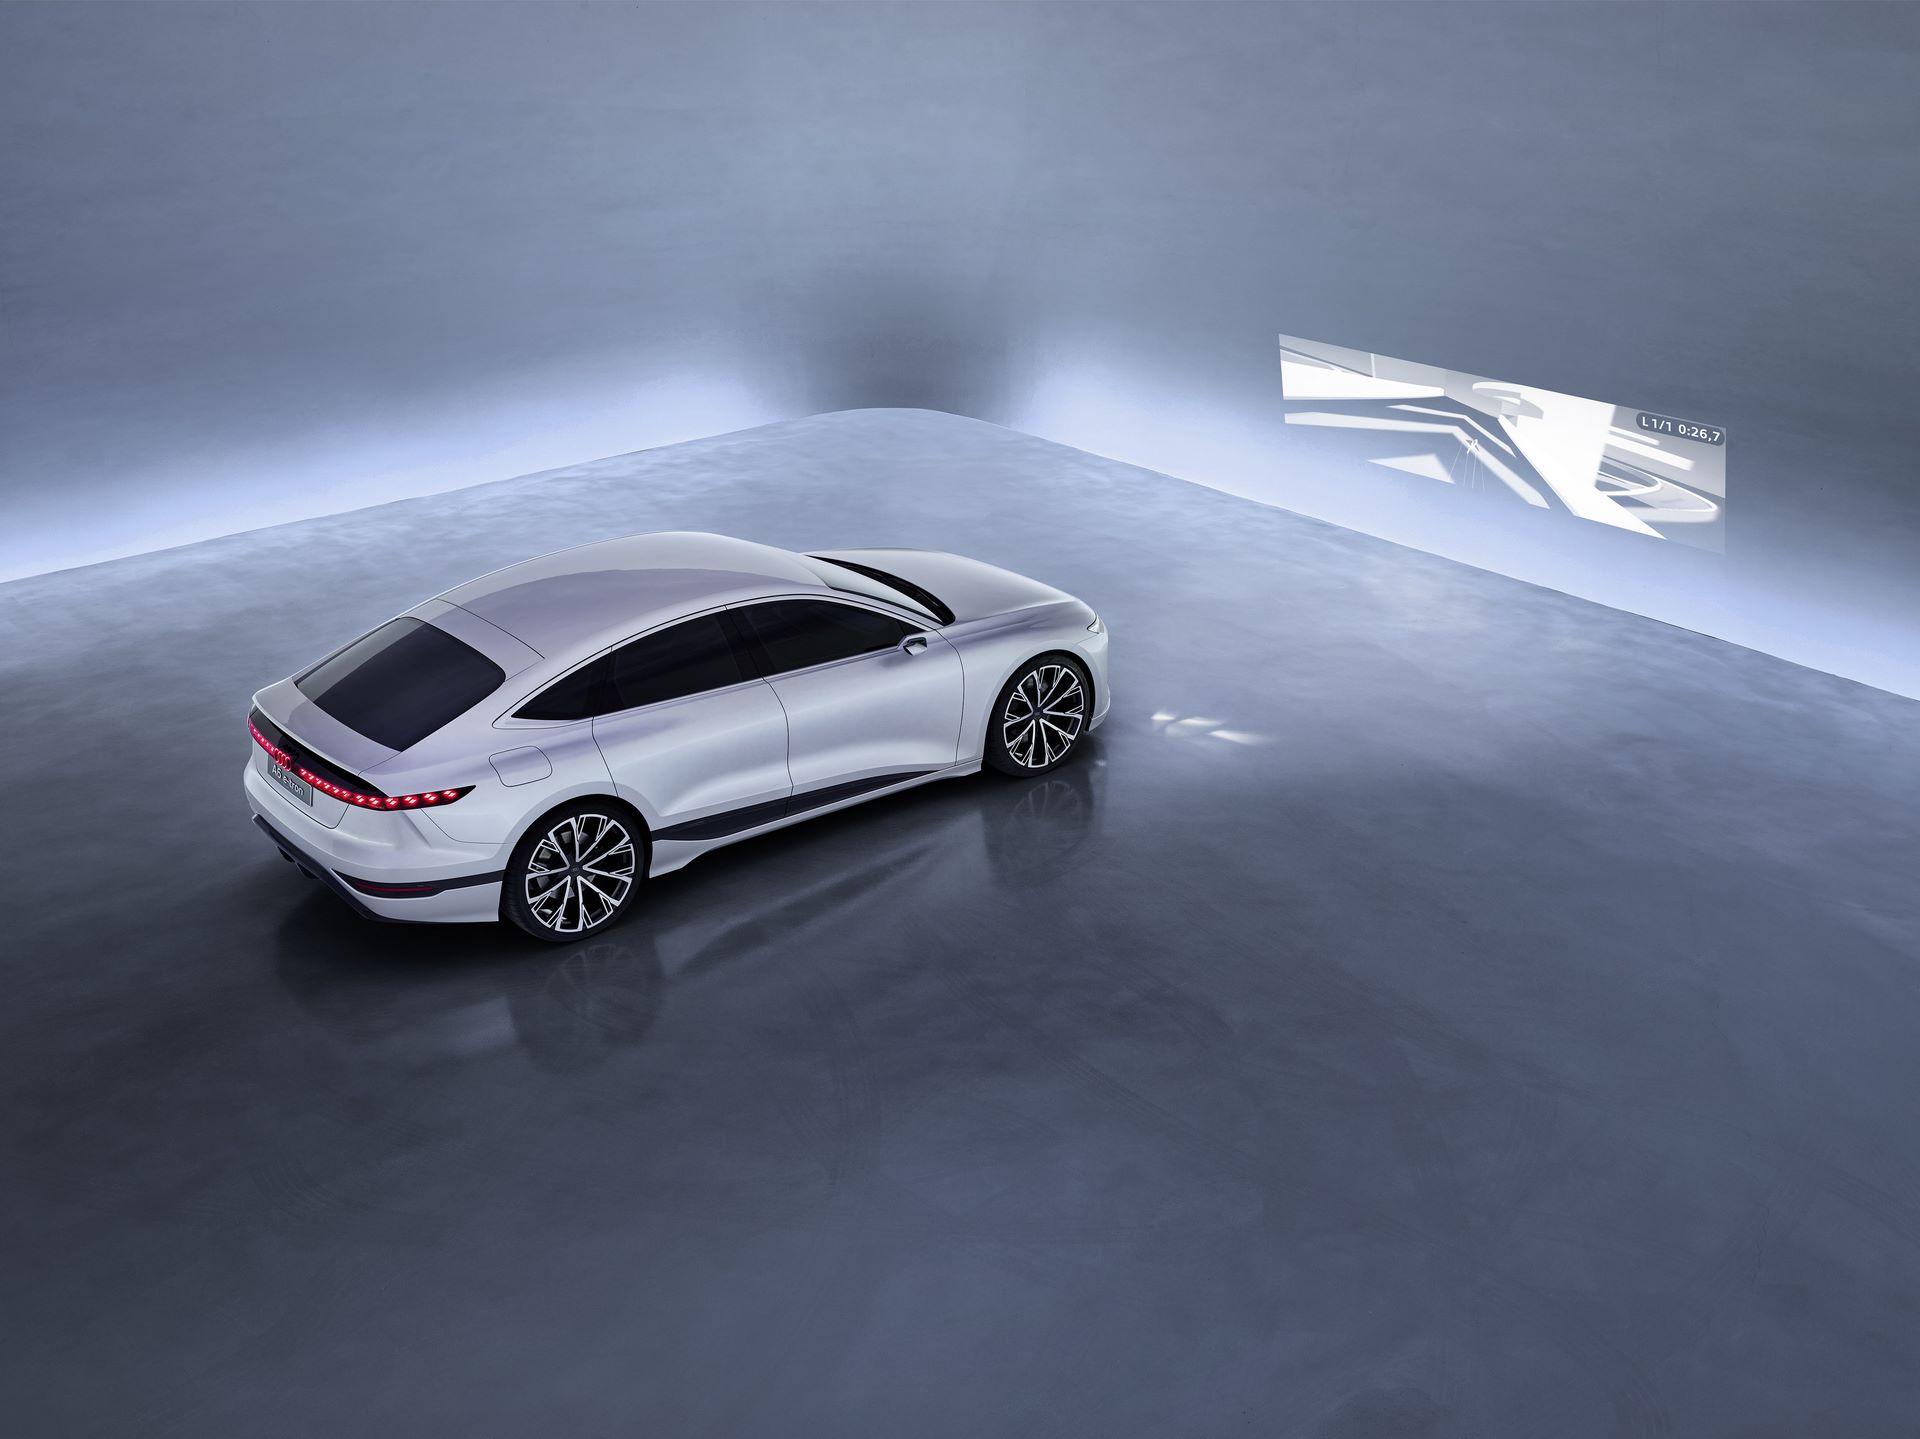 Audi-A6-e-tron-concept-53